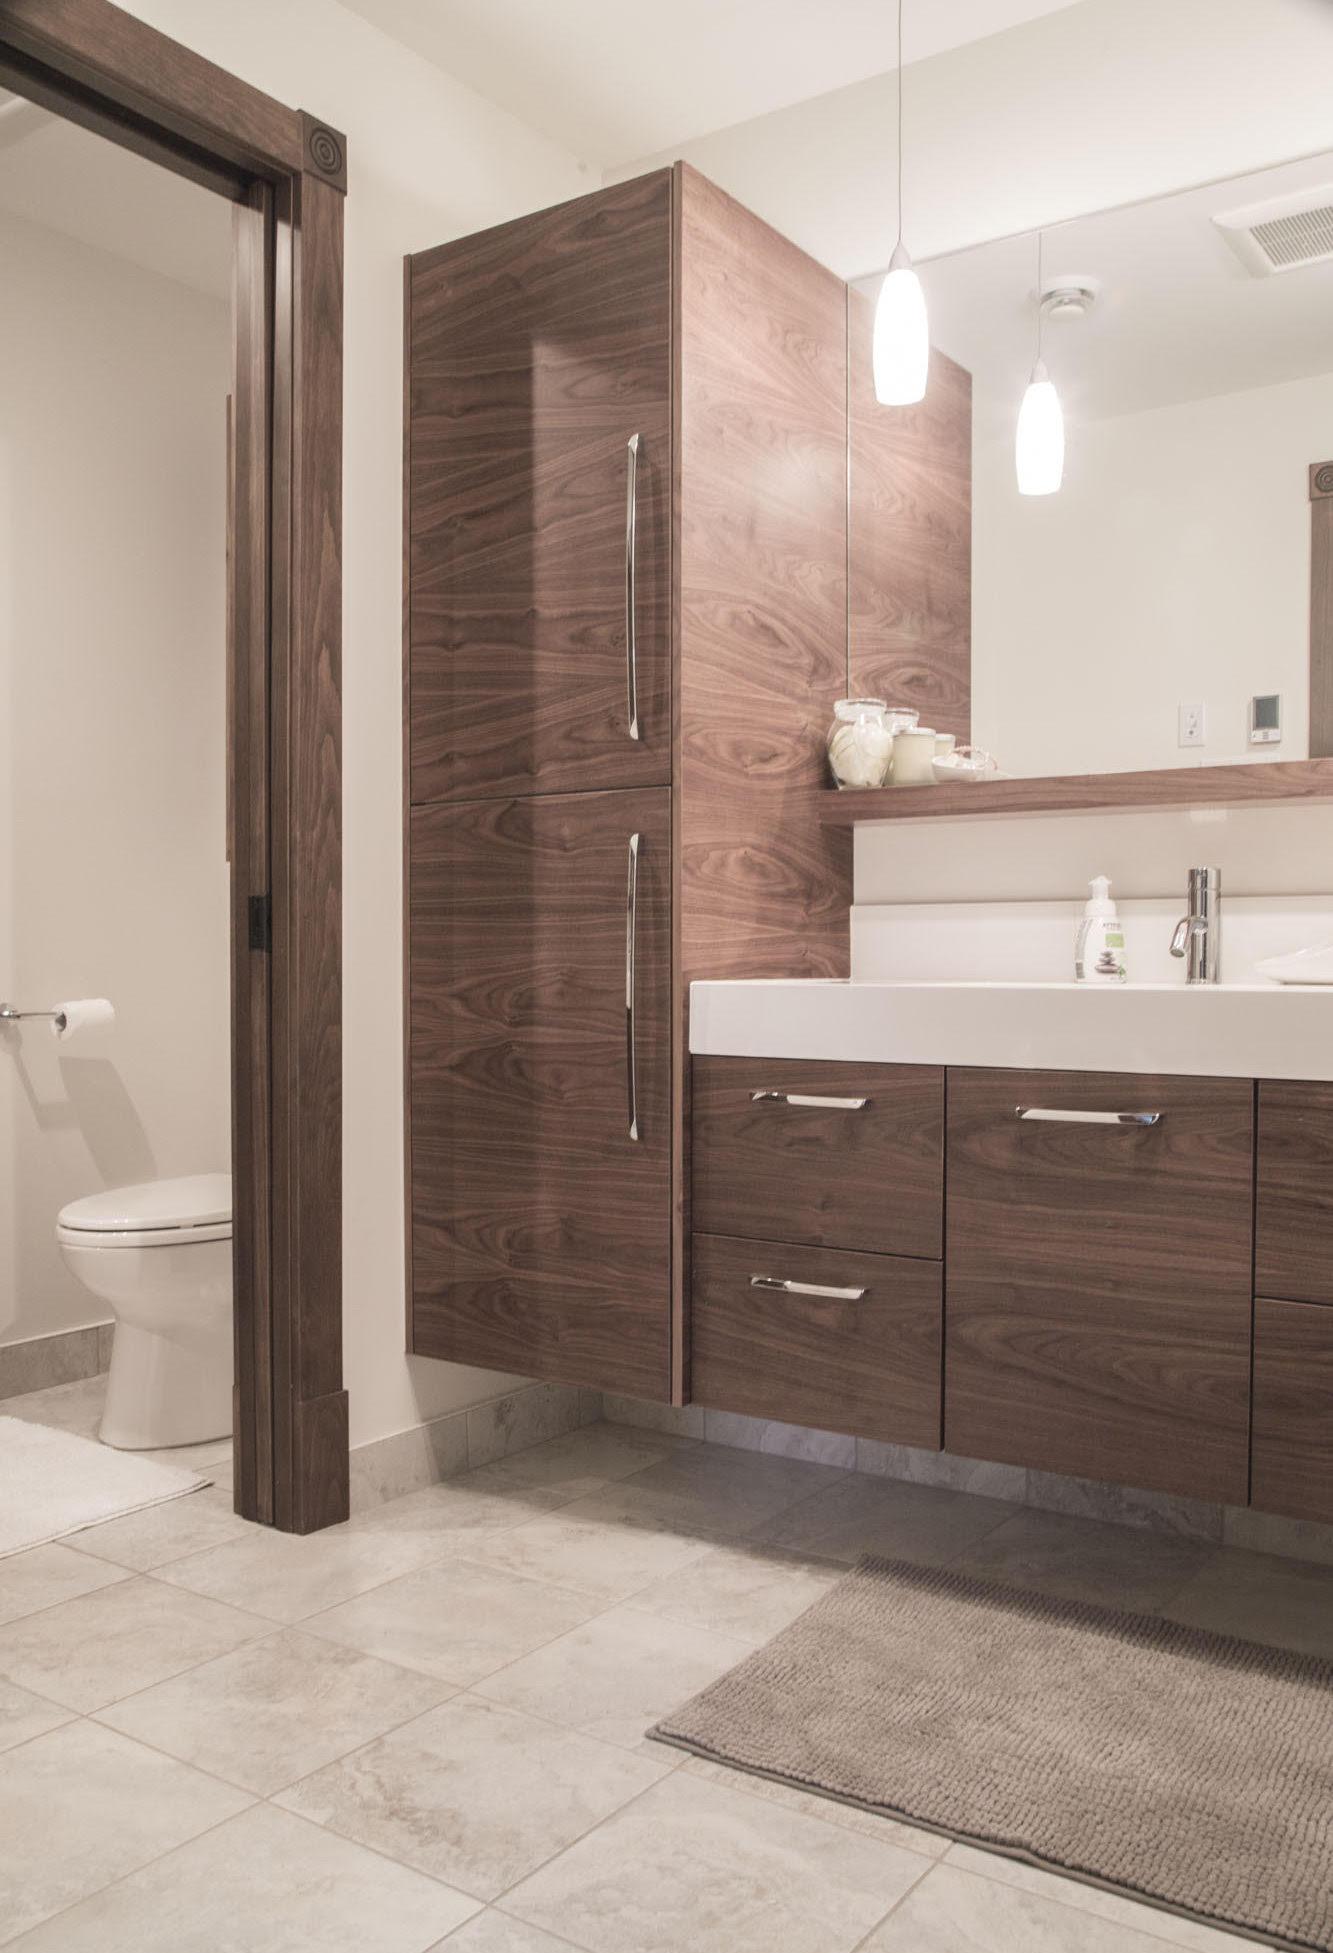 nous allions divers matriaux pour la conception des comptoirs des portes et armoires des tiroirs et des viers de salle de bain pour crer une ambiance - Dessus De Comptoir Salle De Bain